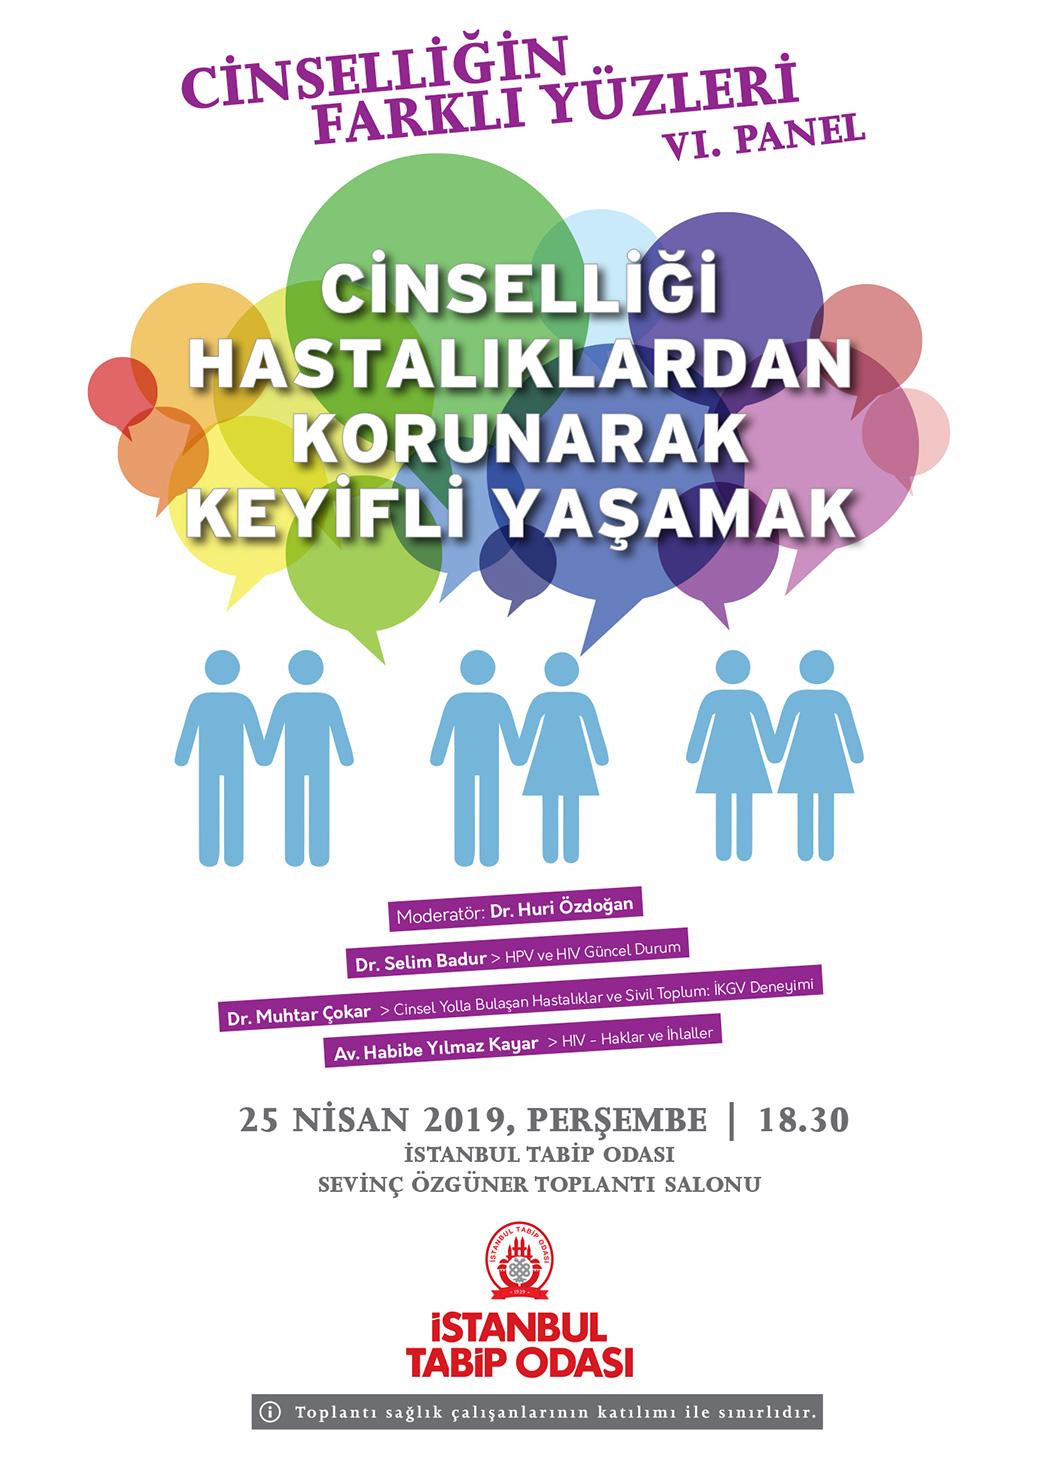 Panel: Cinselliği Hastalıklardan Korunarak Keyifli Yaşamak